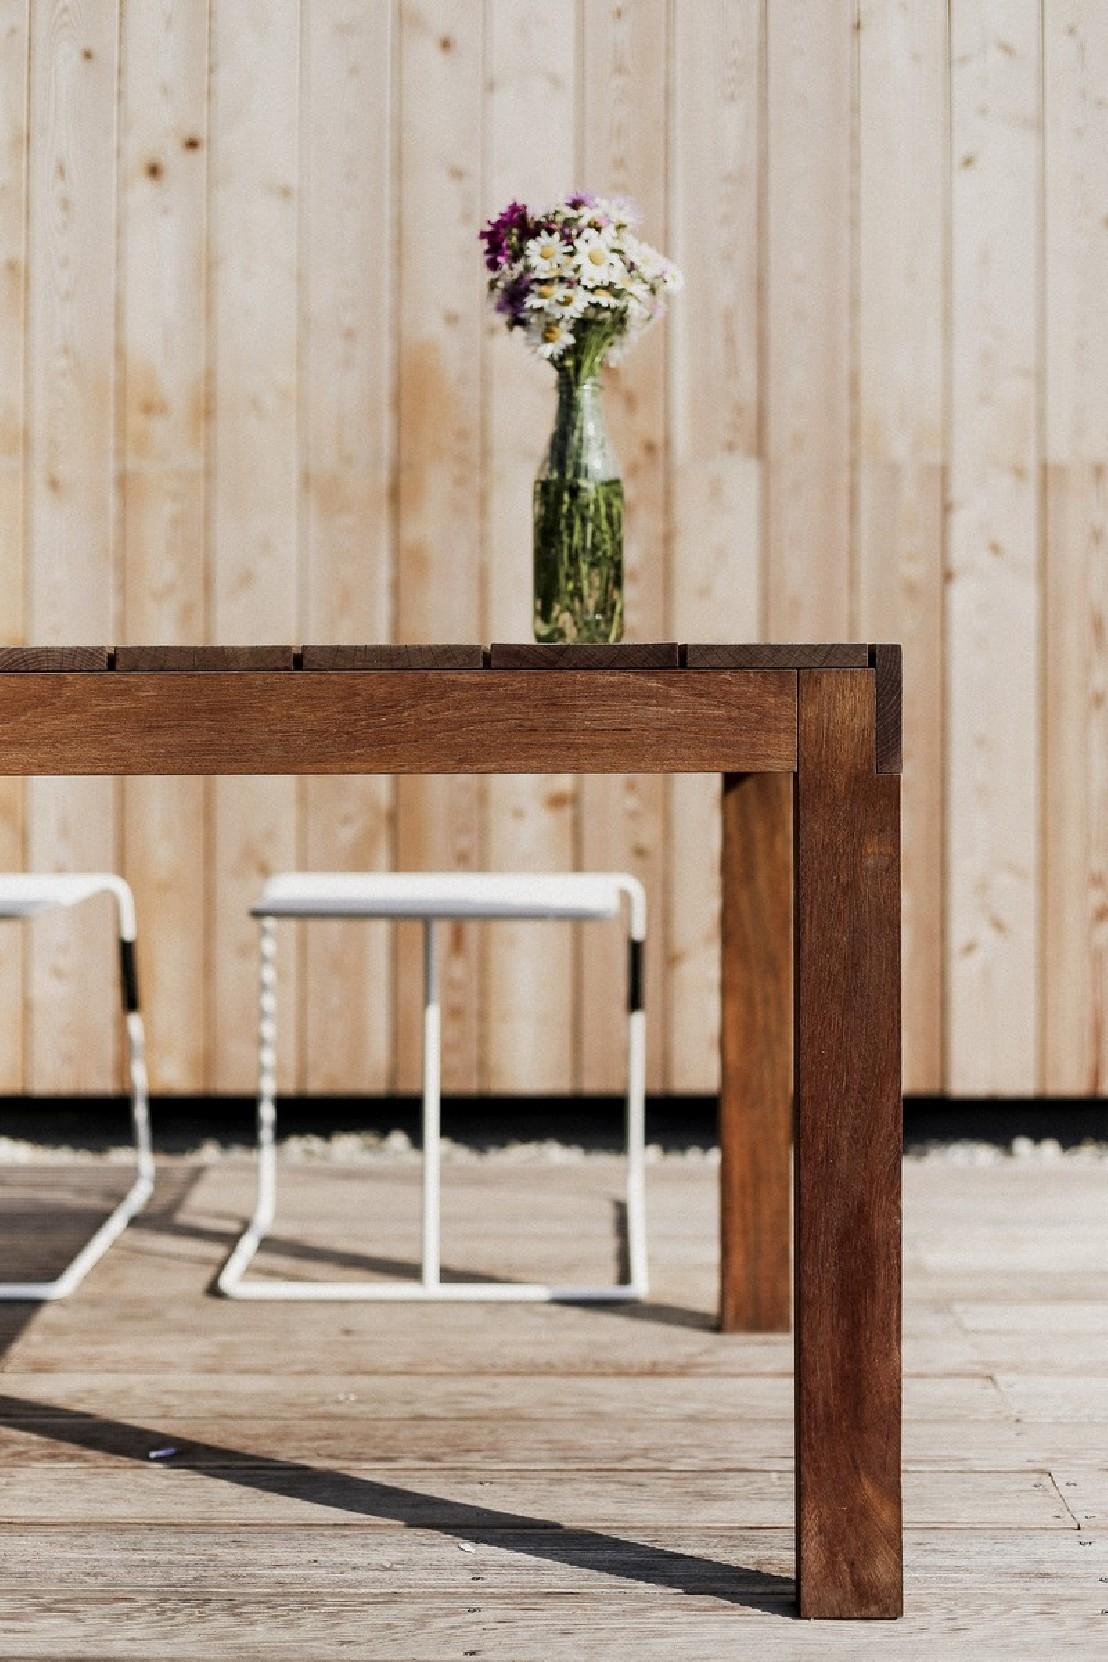 Grande Table De Jardin Grande Table De Jardin Rectangulaire Sena 220 Cm En Bois